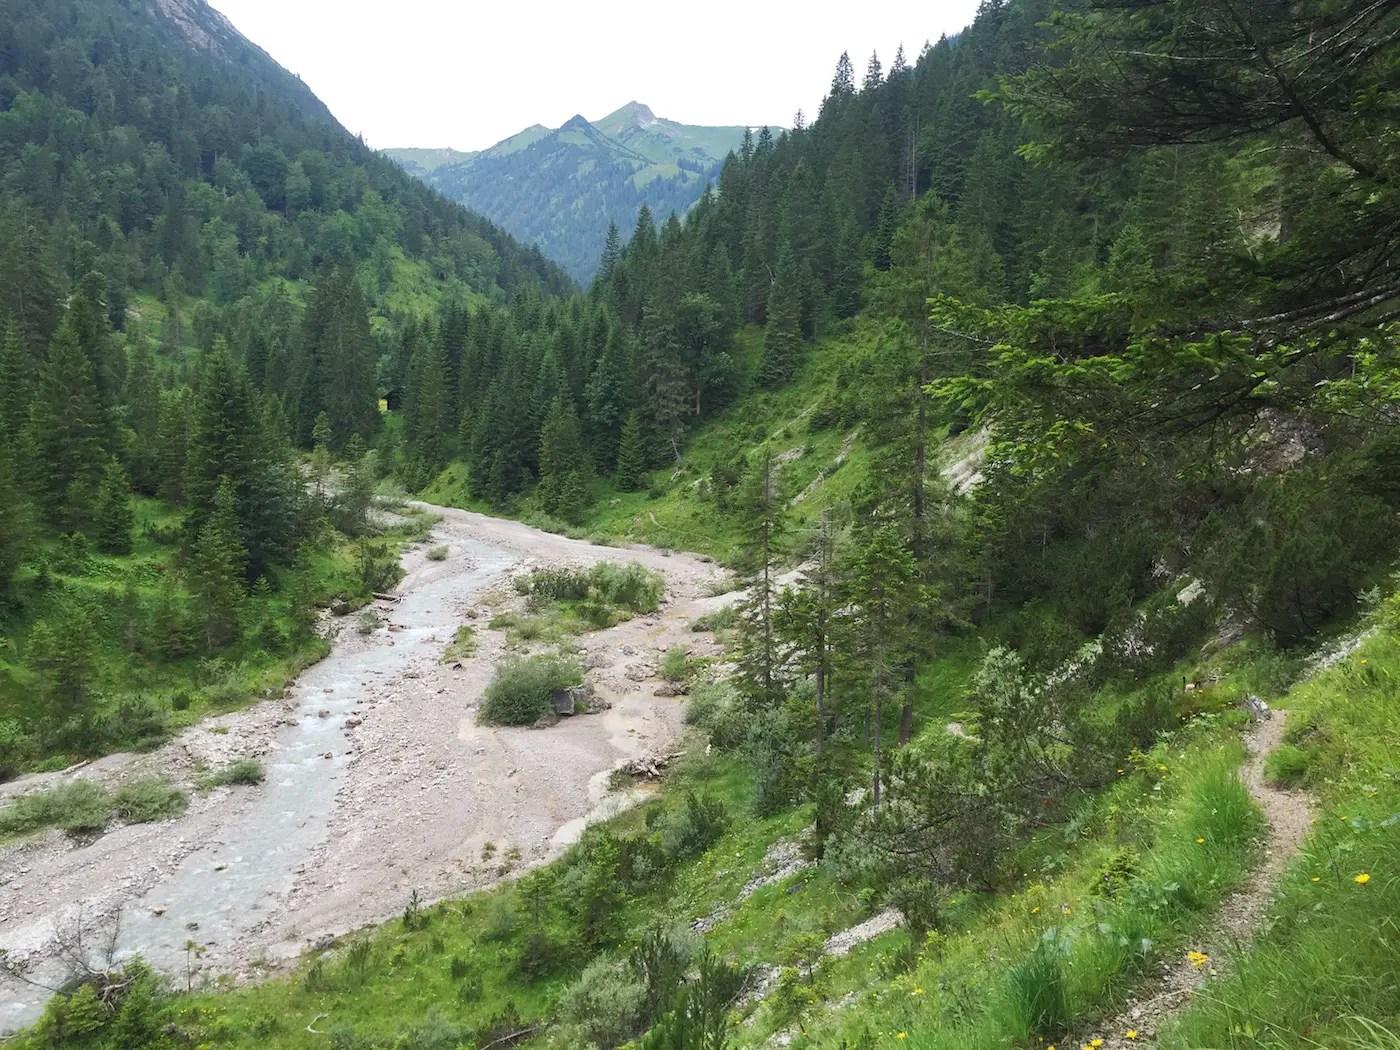 Lachenspitze, 2130m